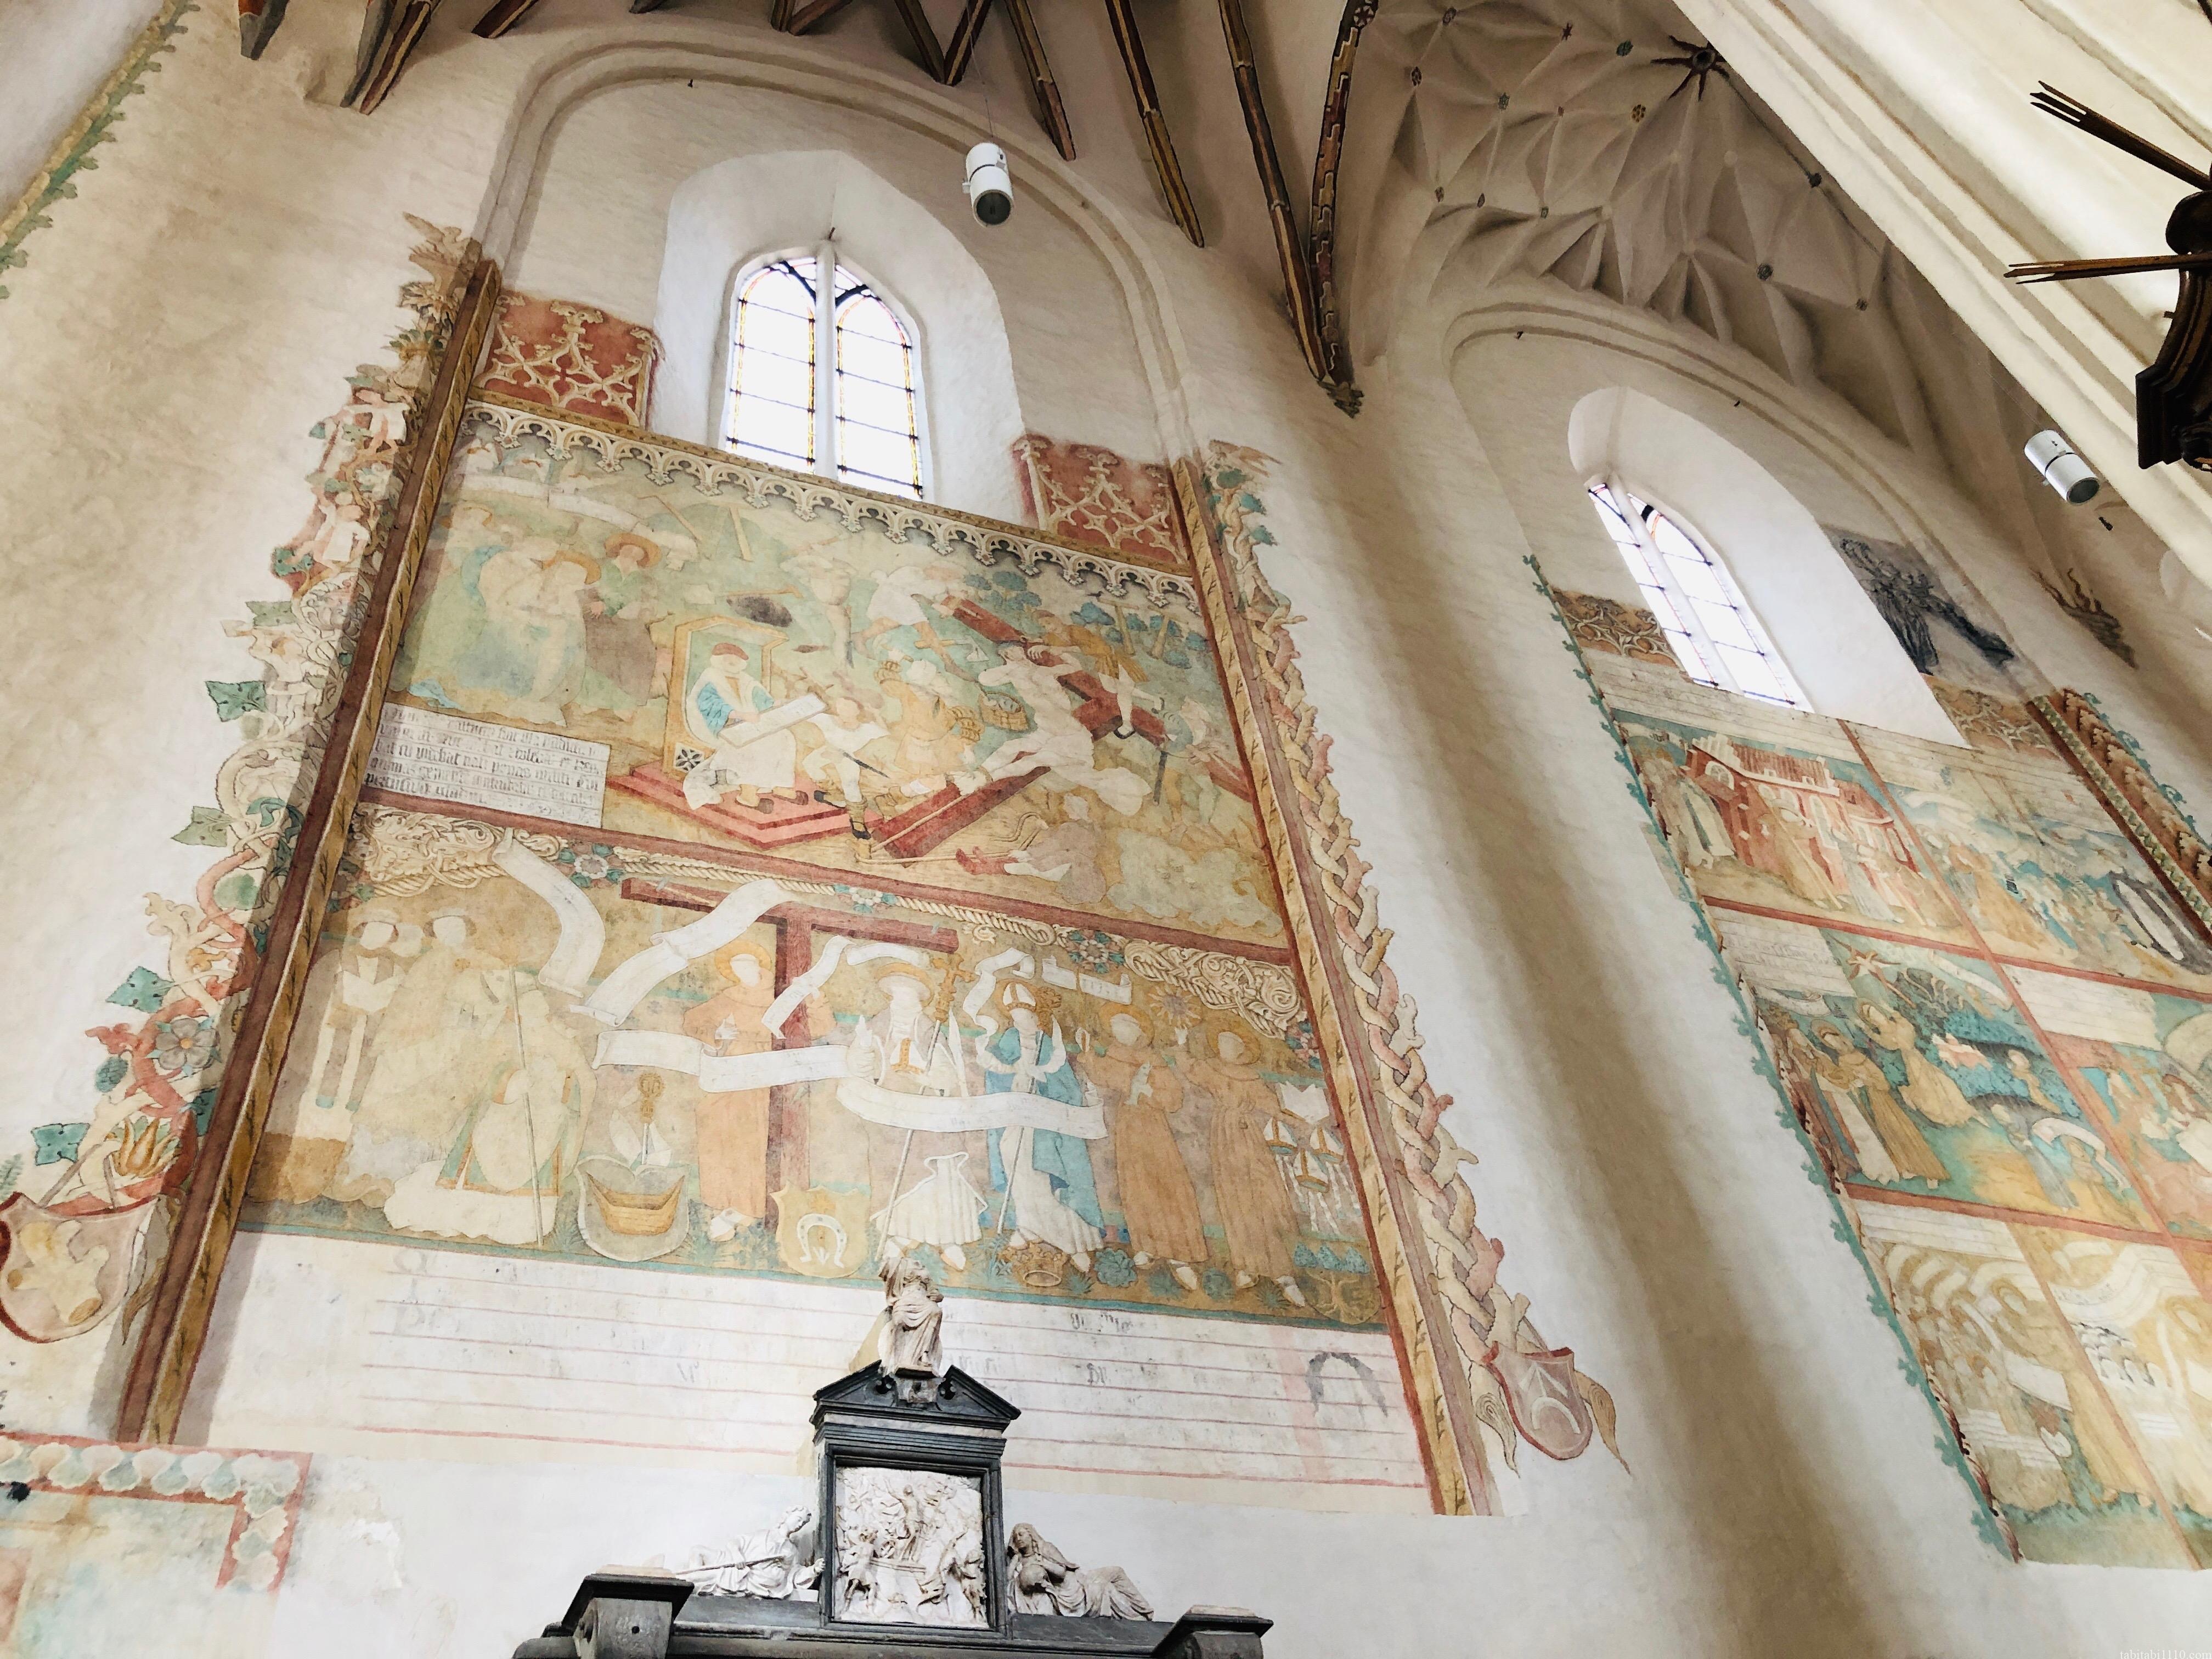 ビリニュス 聖アンナ教会